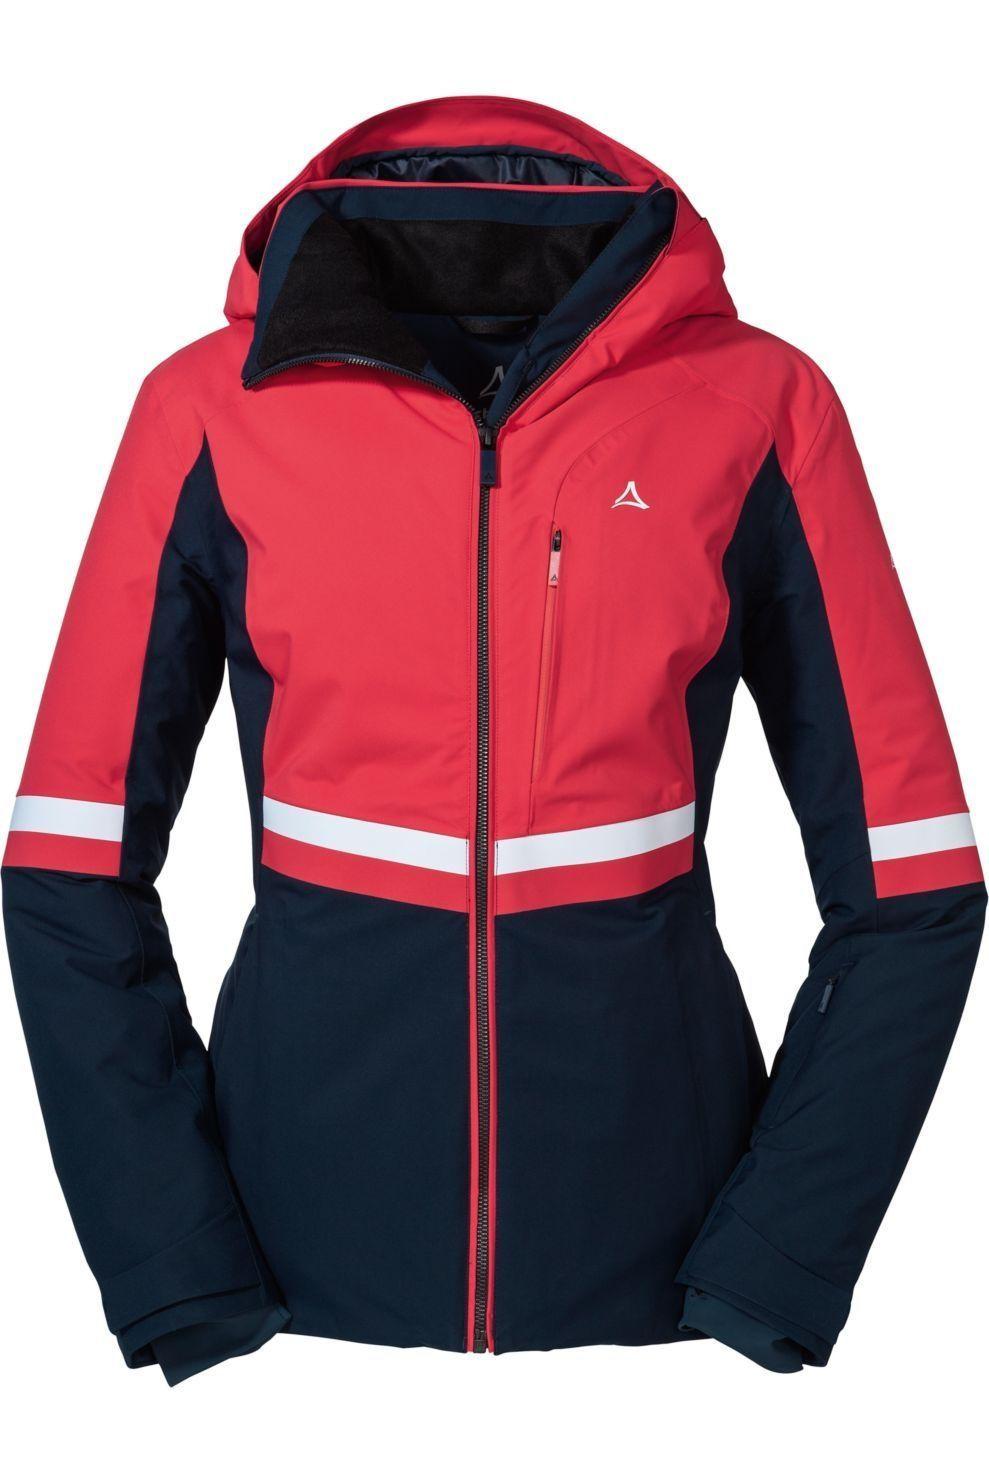 Schöffel Jas Ski Carmenna voor dames - Rood/Blauw - Maten: 38, 40, 42